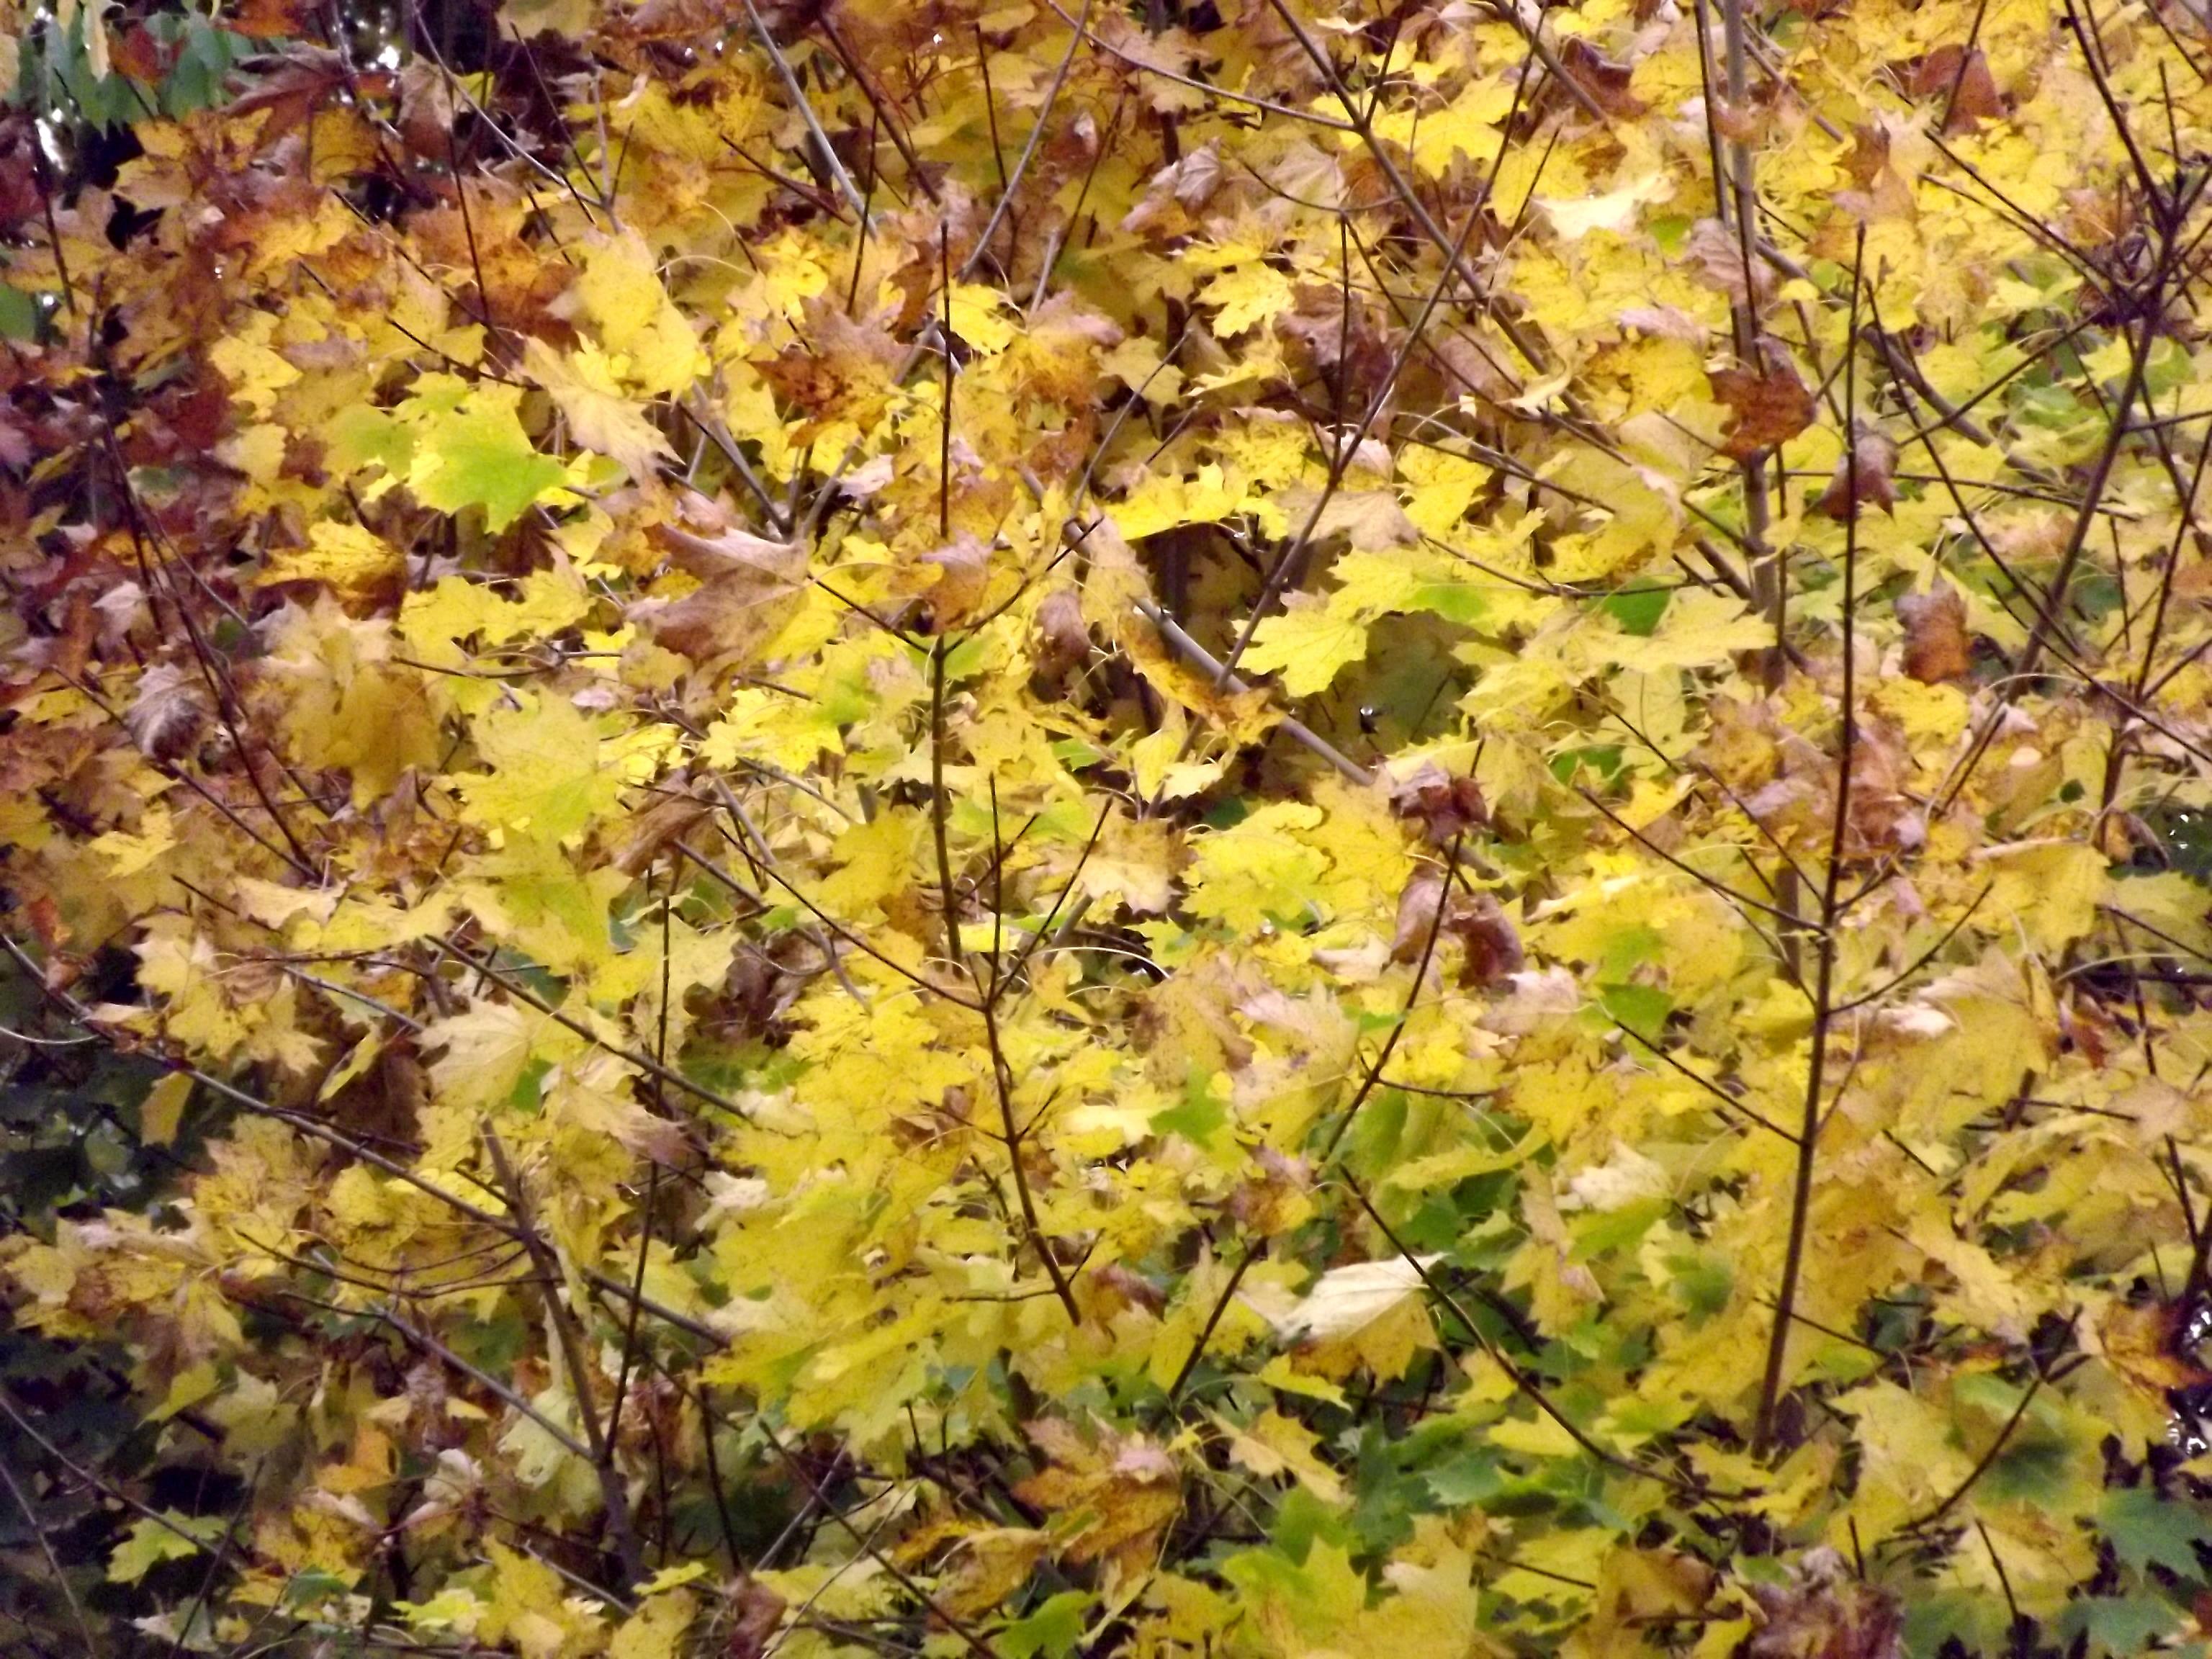 6573-ahorn-gelb-braun